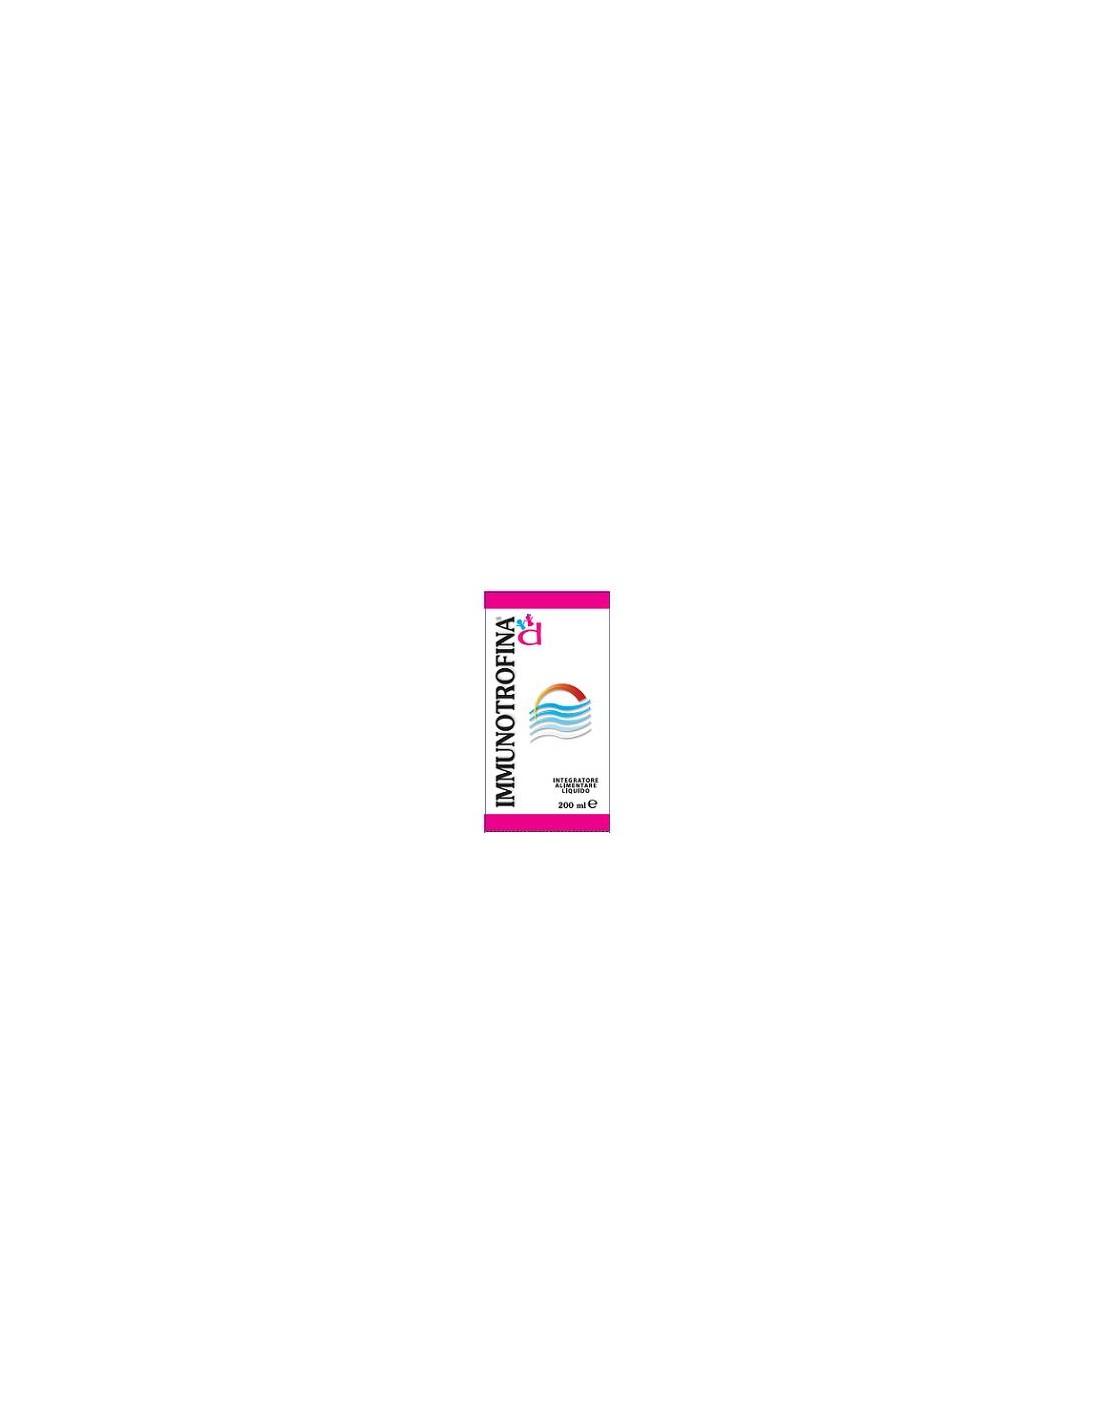 Acido Citrico Dosi Alimentari immunotrofina integratore alimentare liquido 200 ml nuova fo rmula